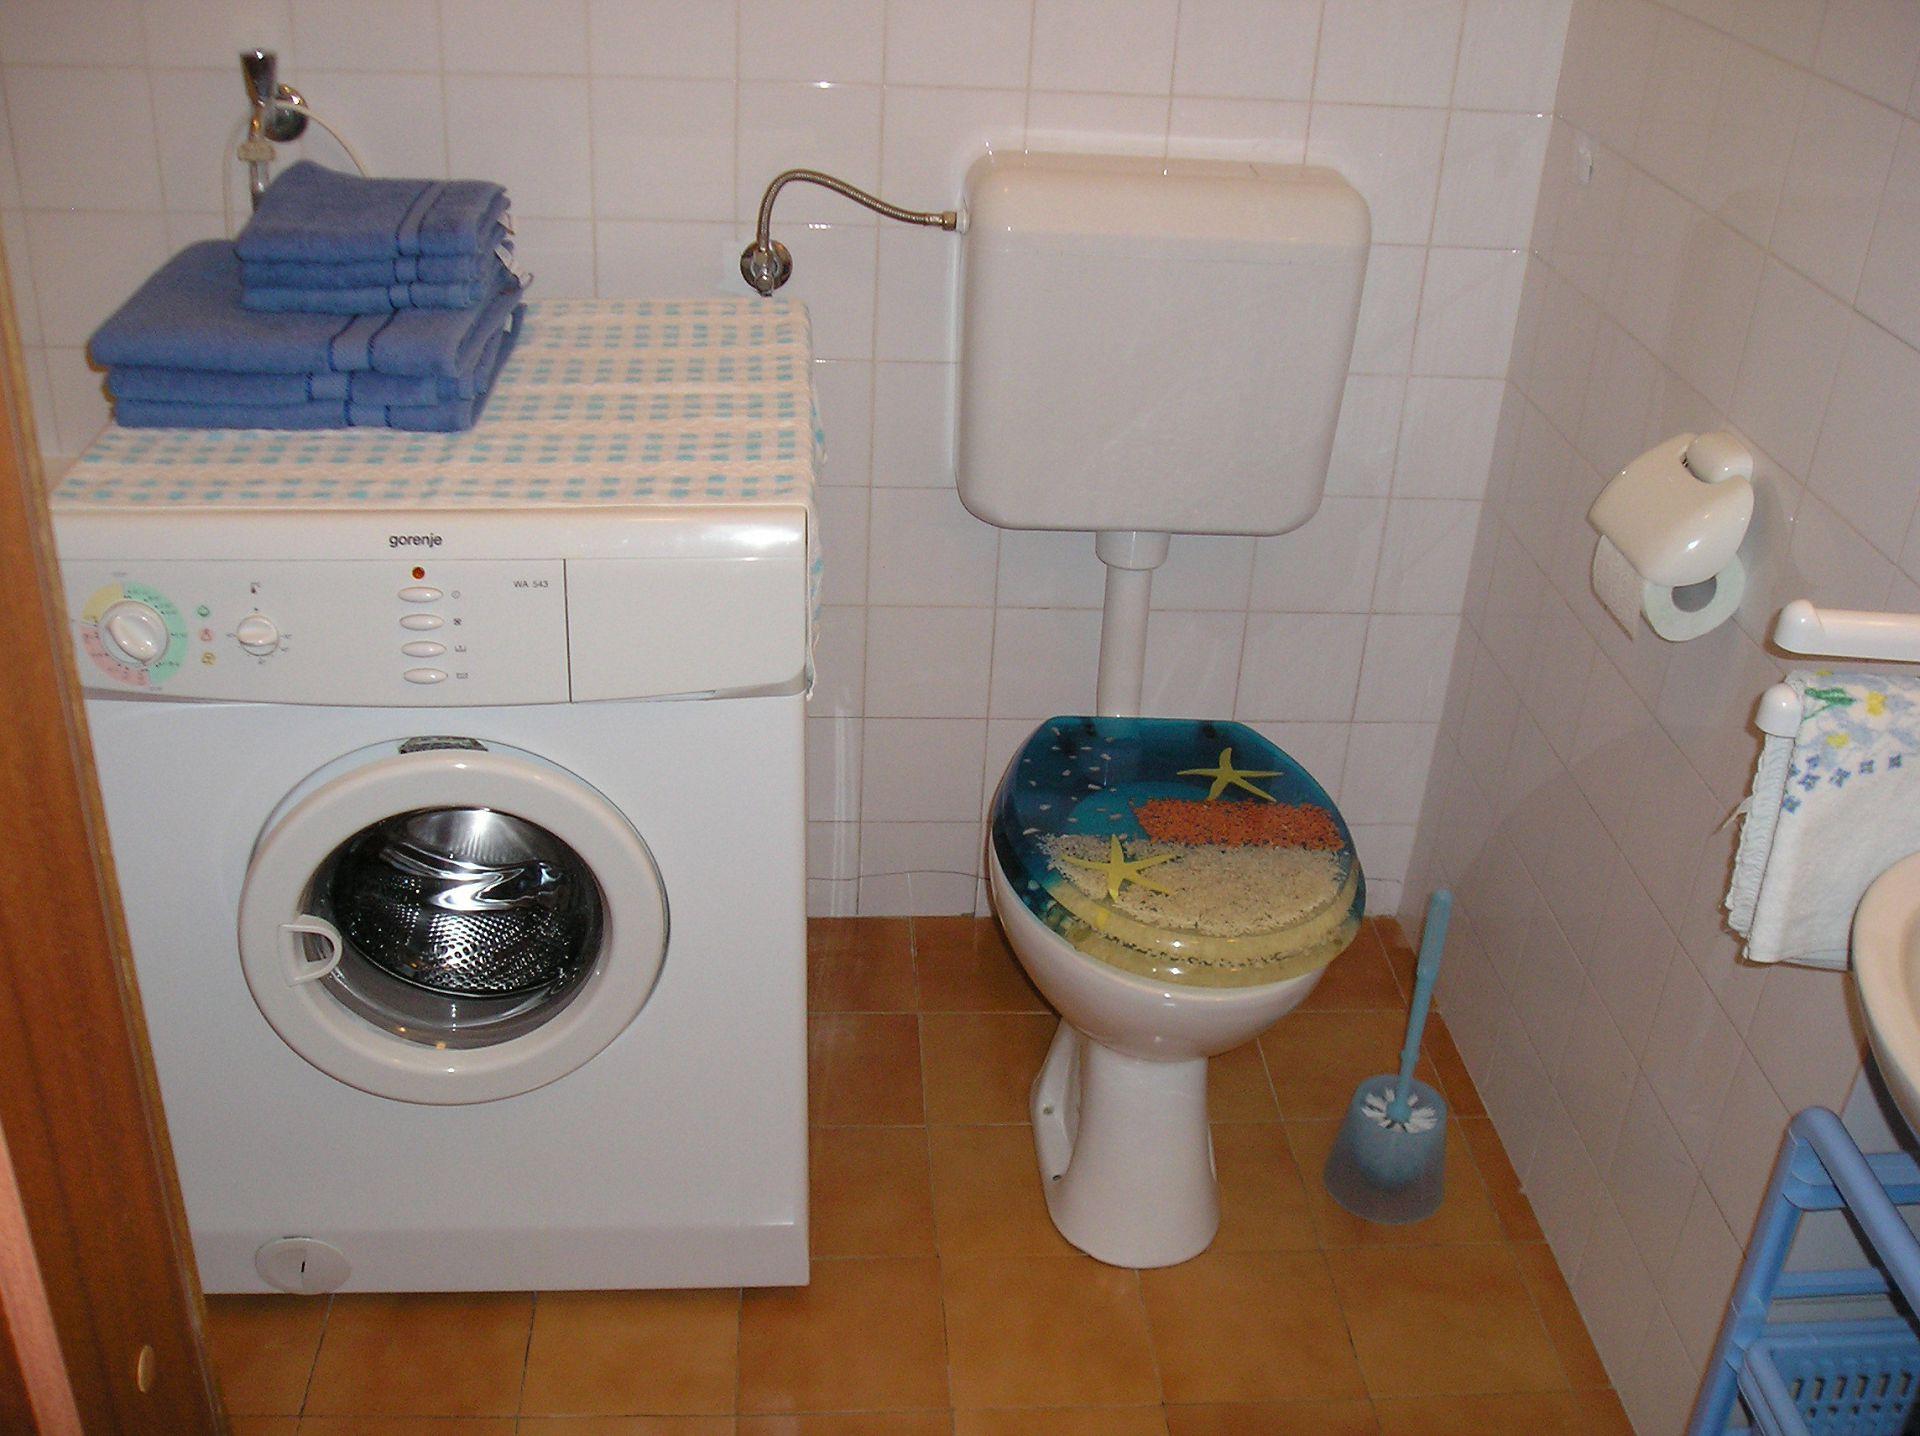 5751 - Lovran - Apartments Croatia - A1(2+2): toilet